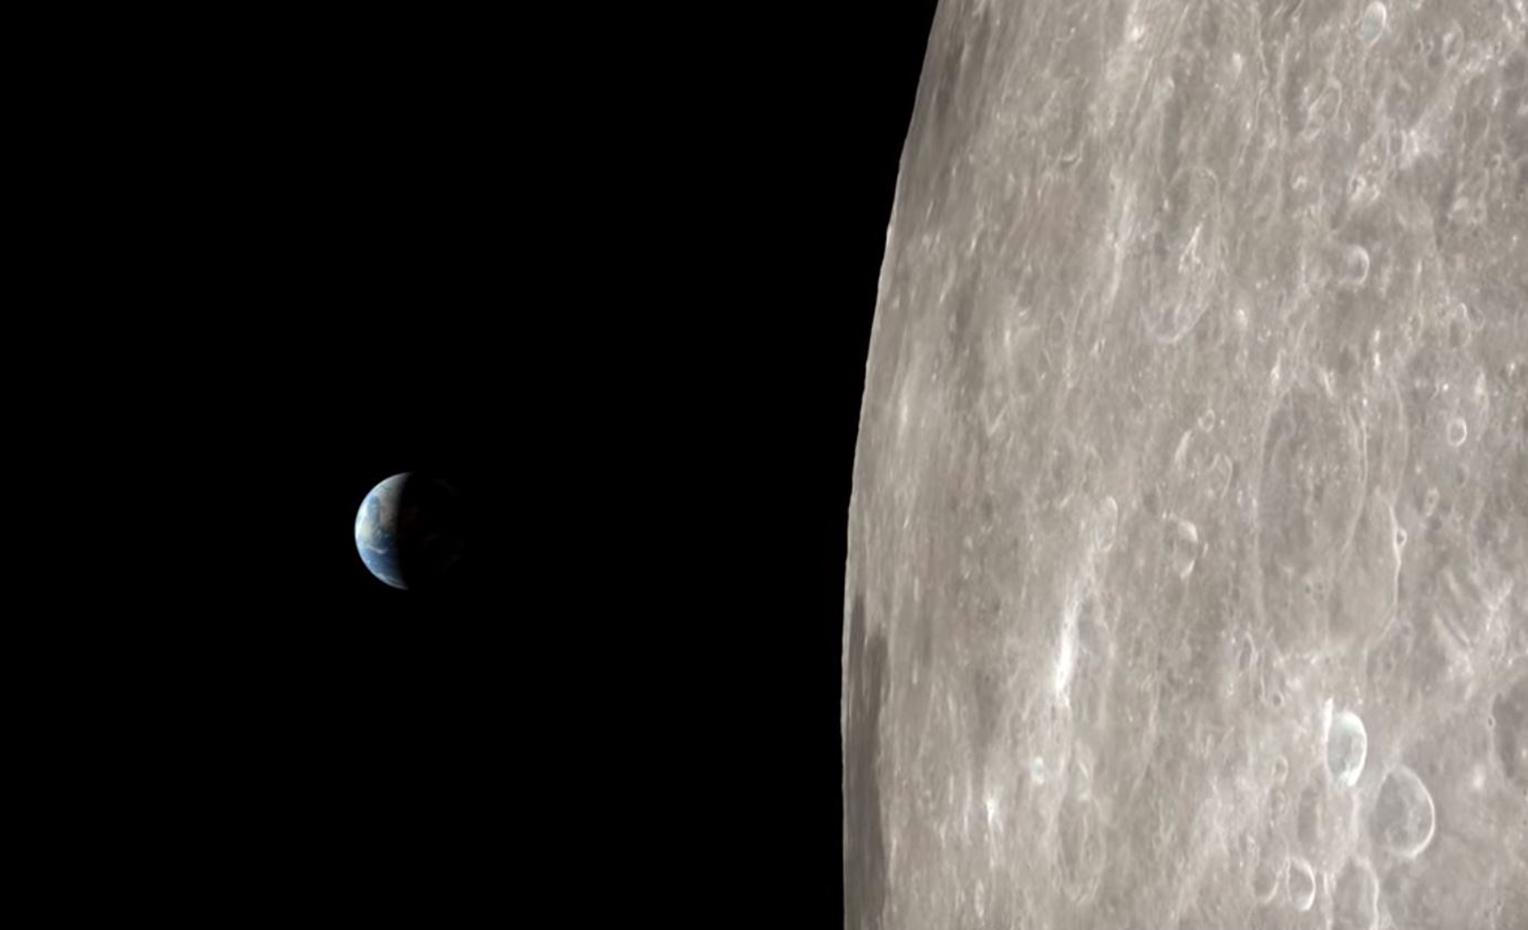 Le voyage d'Apollo 13 reconstitué en 4K avec les images de LRO